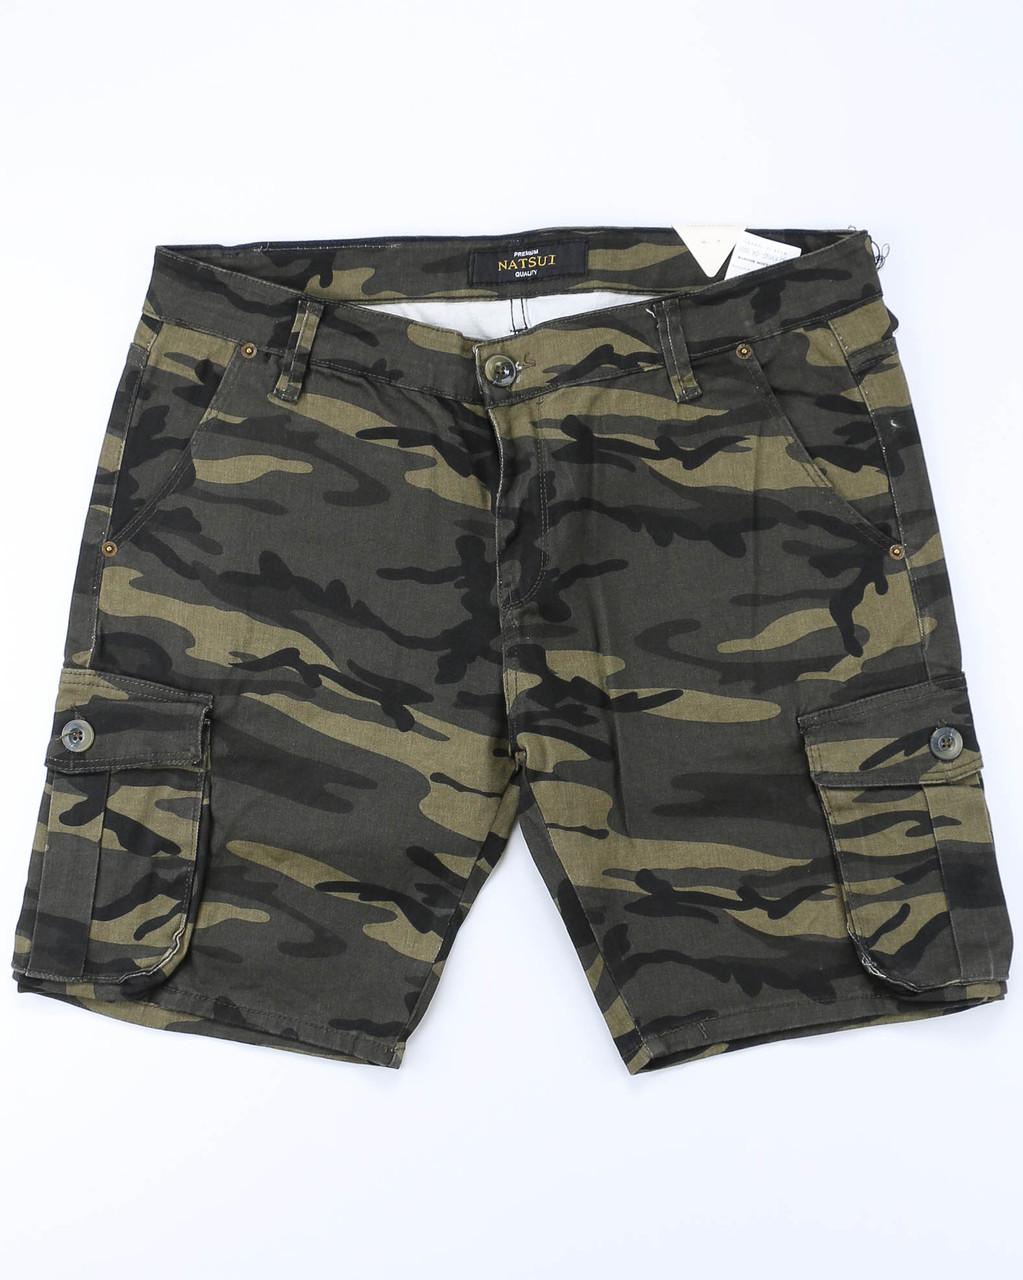 Шорты джинс черный камуфляж MARIO карман К-1 30(Р) 0031